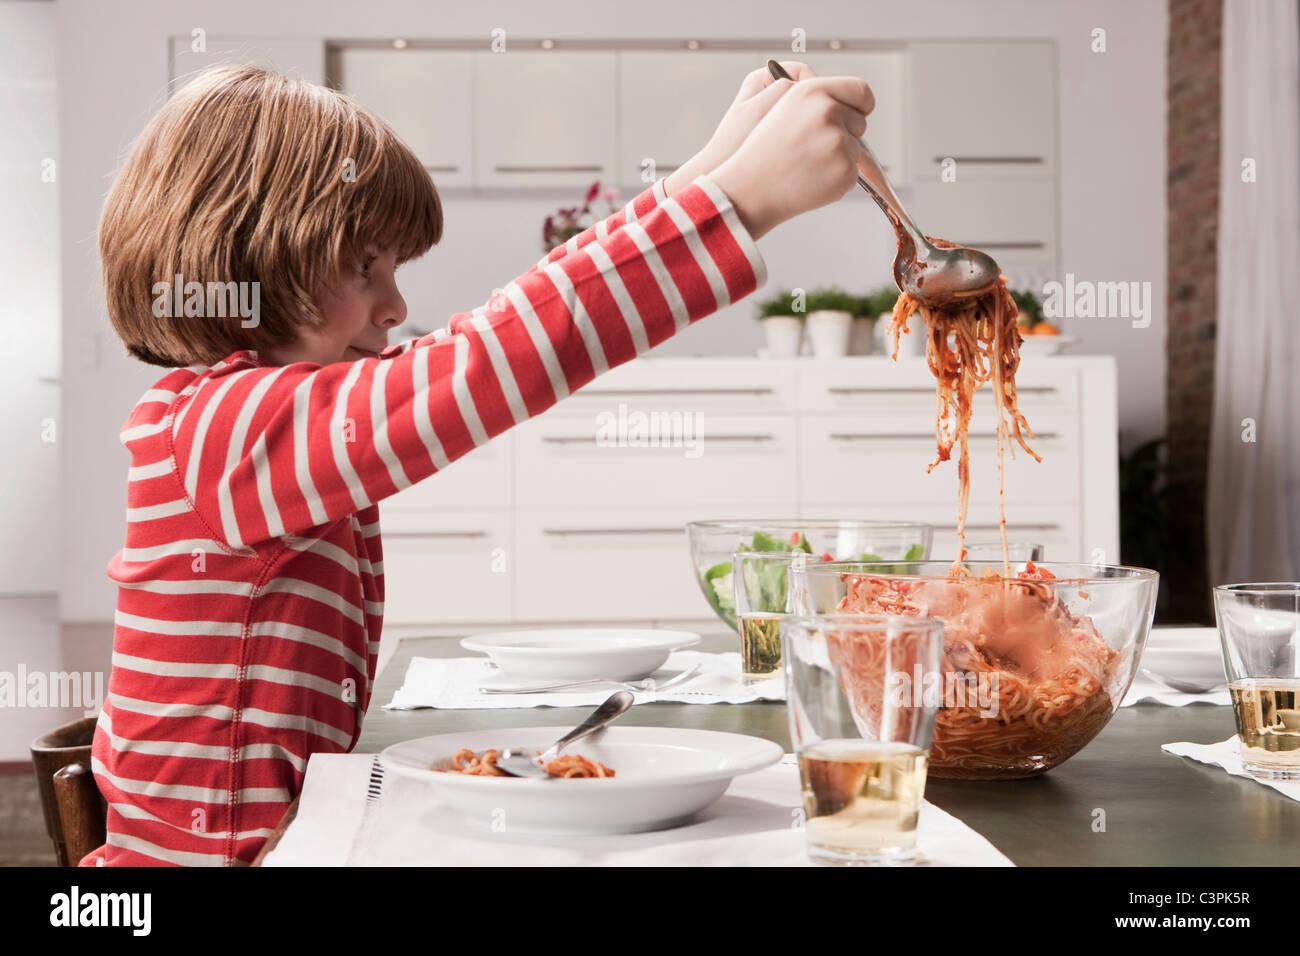 Germania, Colonia, ragazzo (6-7) che servono spaghetti, vista laterale Immagini Stock